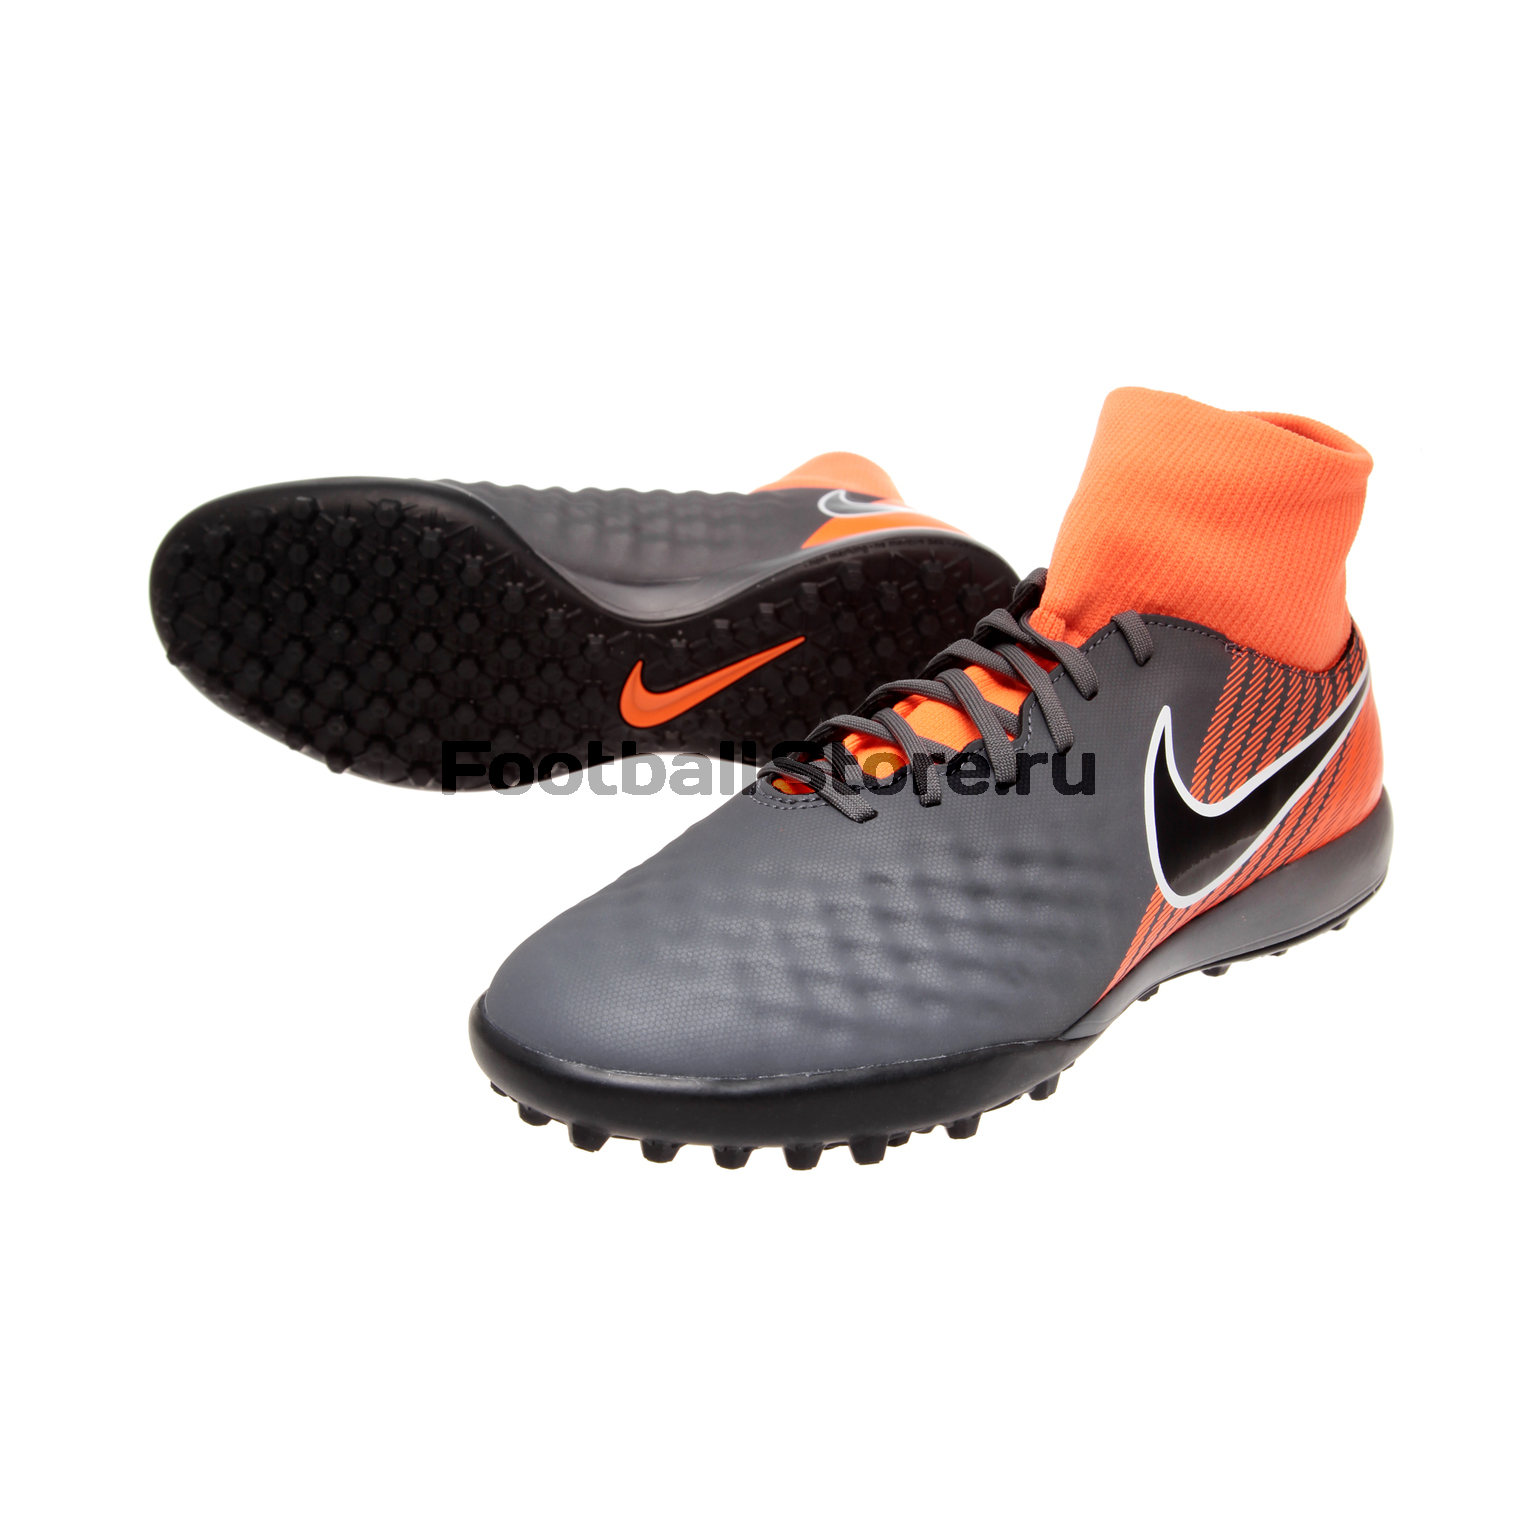 Шиповки Nike ObraX Academy DF TF AH7311-080 бутсы футбольные nike obra ii academy df fg ah7313 080 jr детские т сер оранж